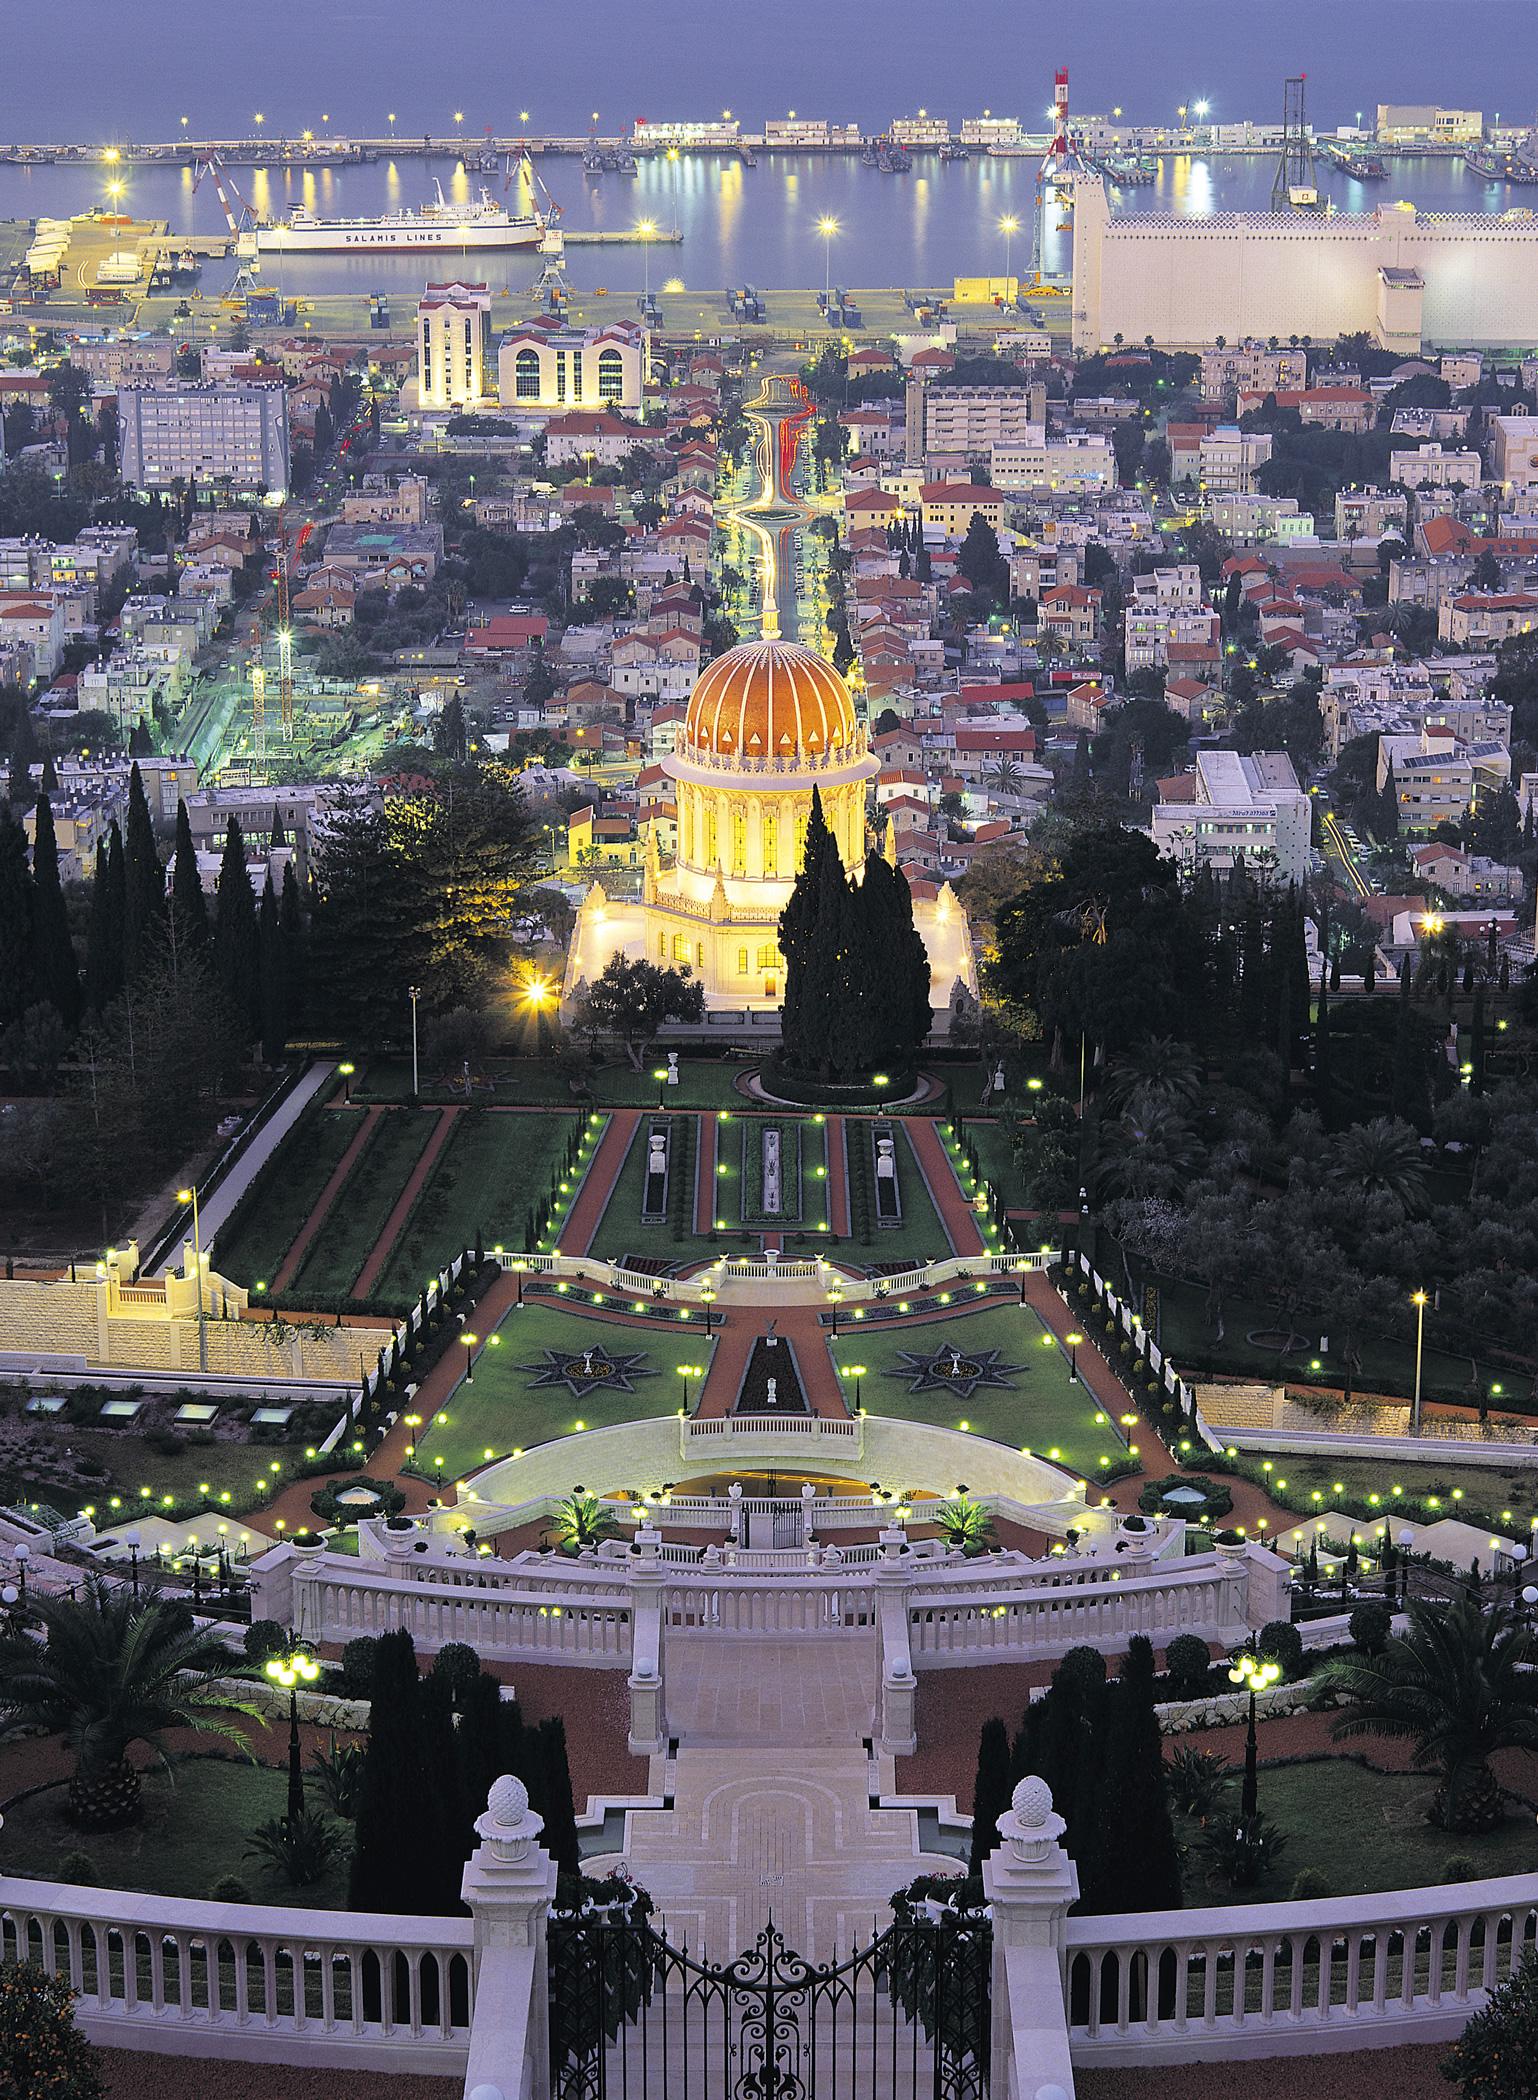 A szép kert és Haifa városa (c) Bahá'í Nemzetközi Közösség media.bahai.org